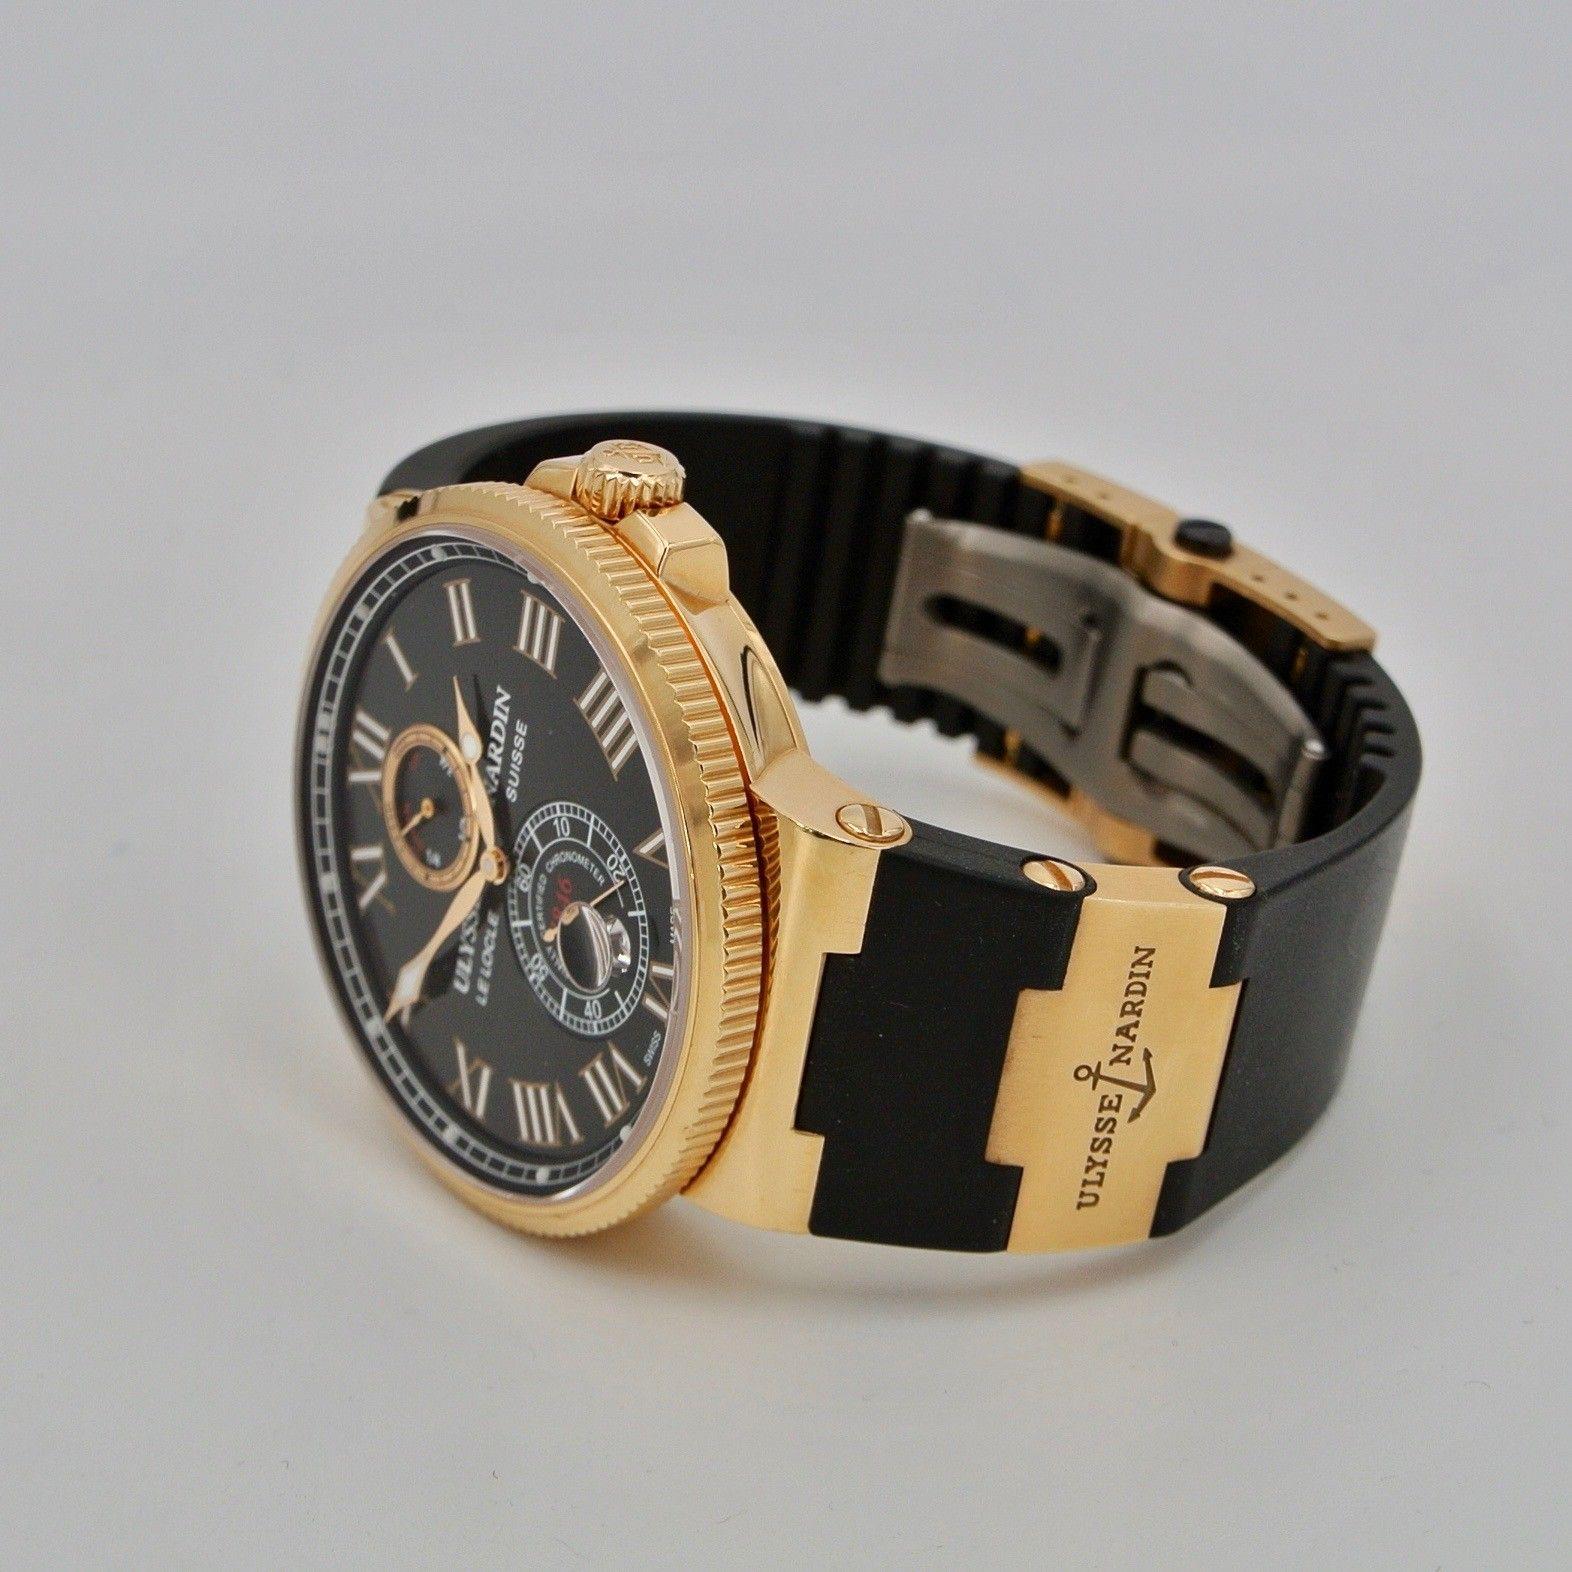 ULYSSE NARDIN  MARINA  Chronometre Rose Gold